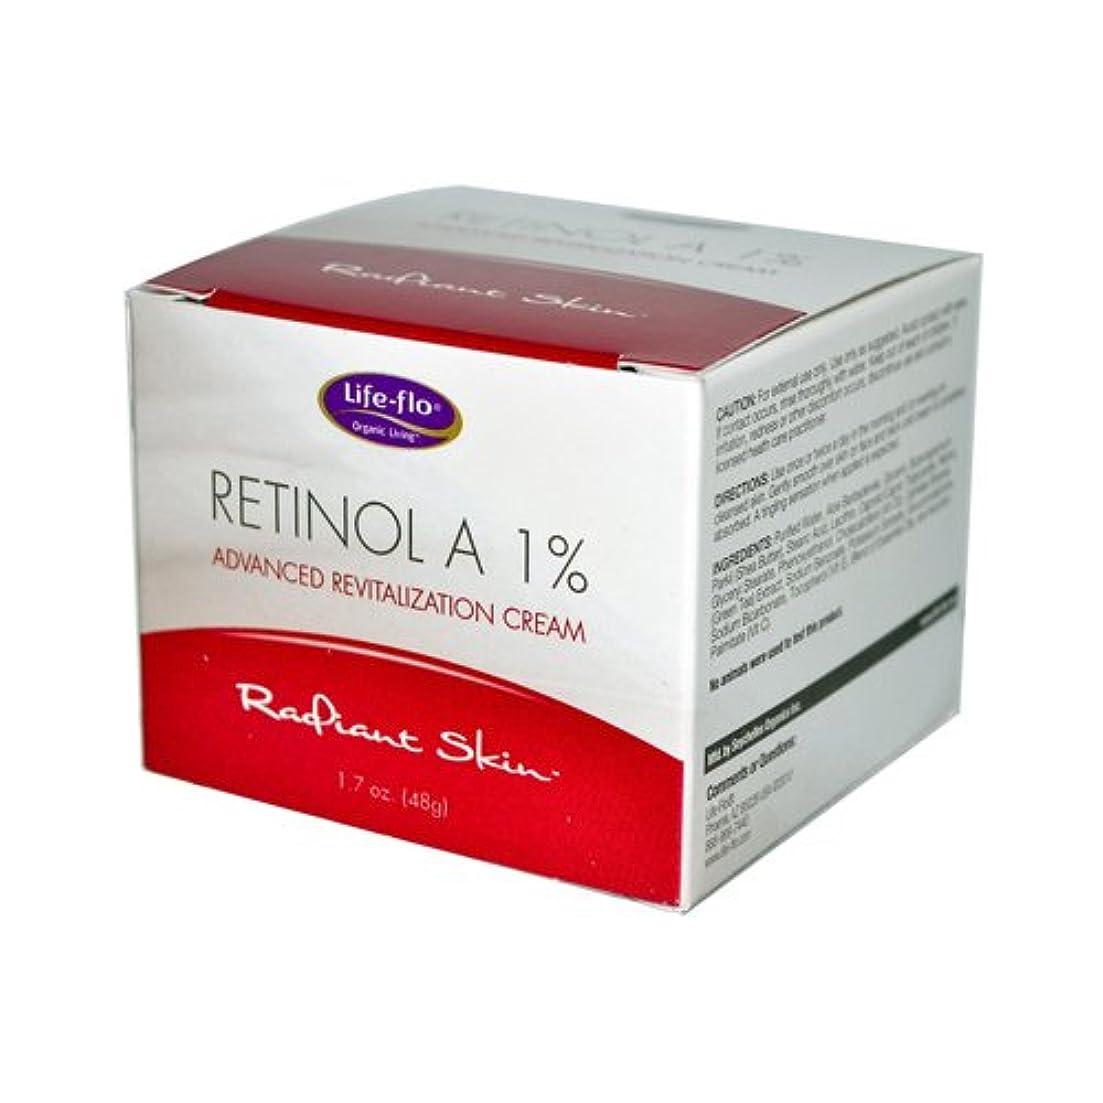 真実マーチャンダイジング熱意海外直送品 Life-Flo Retinol A 1% Advanced Revitalization Cream, 1.7 oz